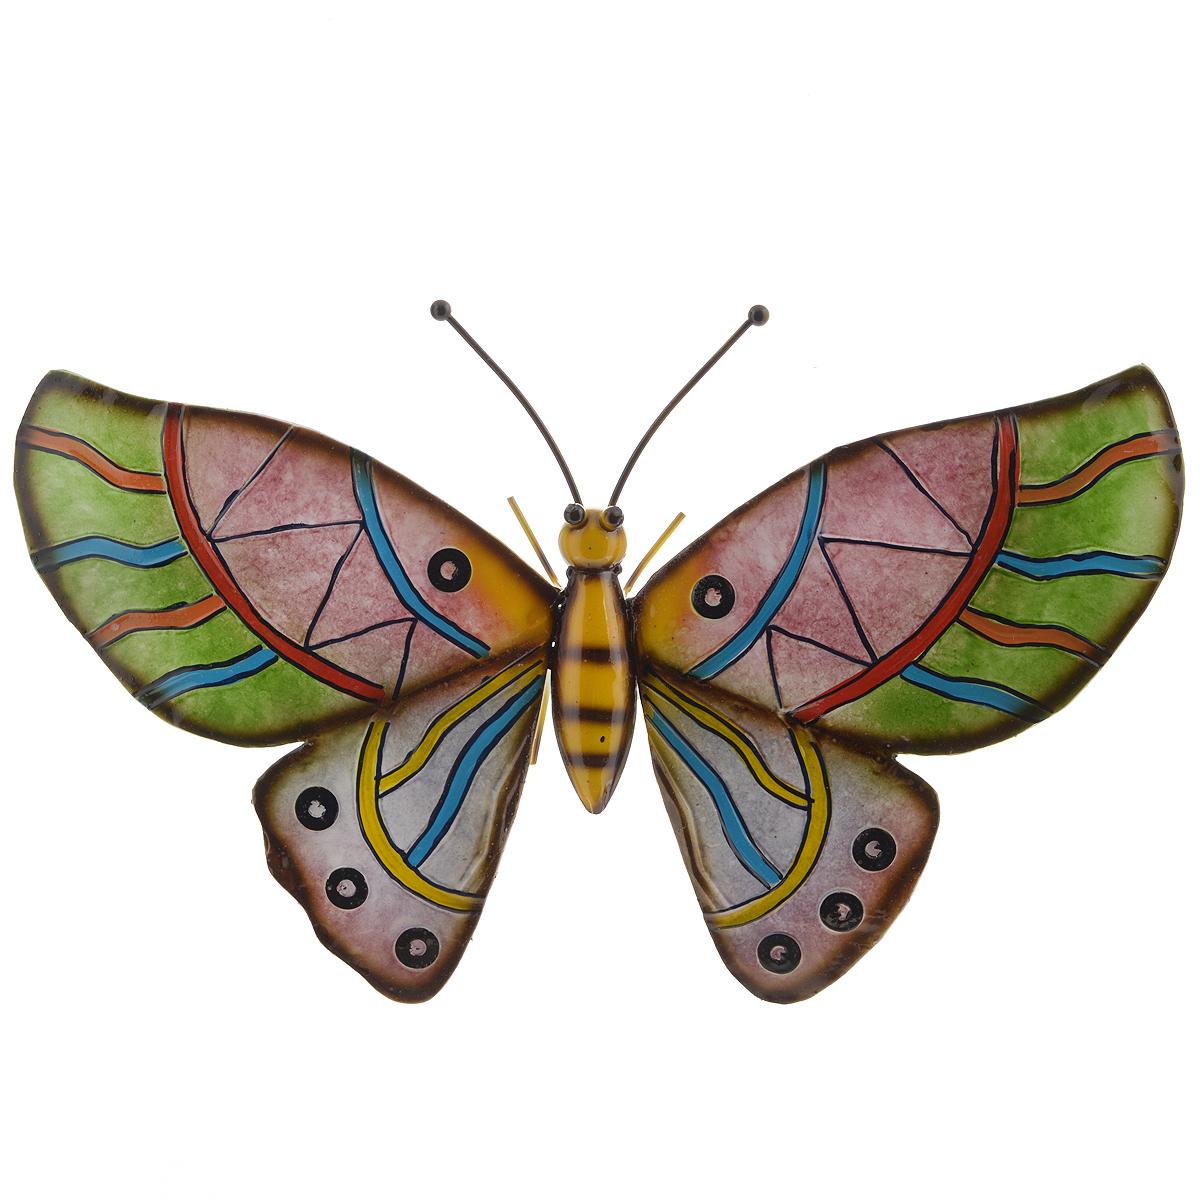 Панно декоративное настенное Molento Бабочка. 576-057576-057Декоративное настенное панно Molento Бабочка, изготовленное из металла, позволит вам украсить интерьер дома, рабочего кабинета или любого другого помещения оригинальным образом. Изделие выполнено в виде бабочки с красивыми рельефными крыльями, оформленными ярким орнаментом. Панно оснащено специальным отверстием для подвешивания. С таким панно вы сможете не просто внести в интерьер элемент оригинальности, но и создать атмосферу загадочности и изысканности.